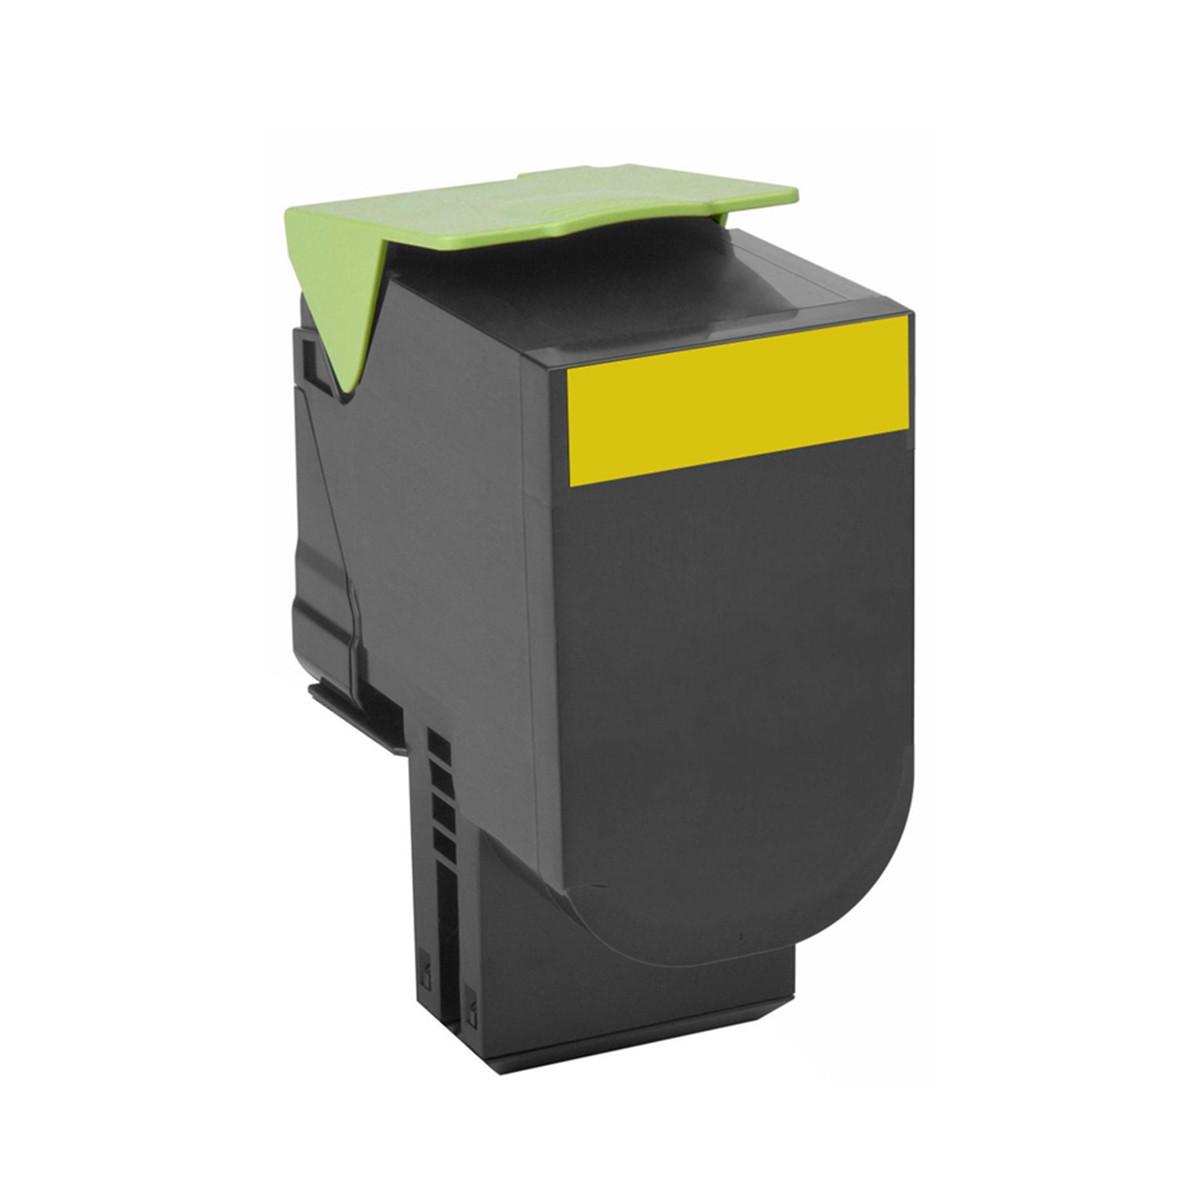 KIT 02 TONERS COMPATÍVEIS COM LEXMARK [CX417de, CS417] Ciano e Yellow - Cartucho & Cia